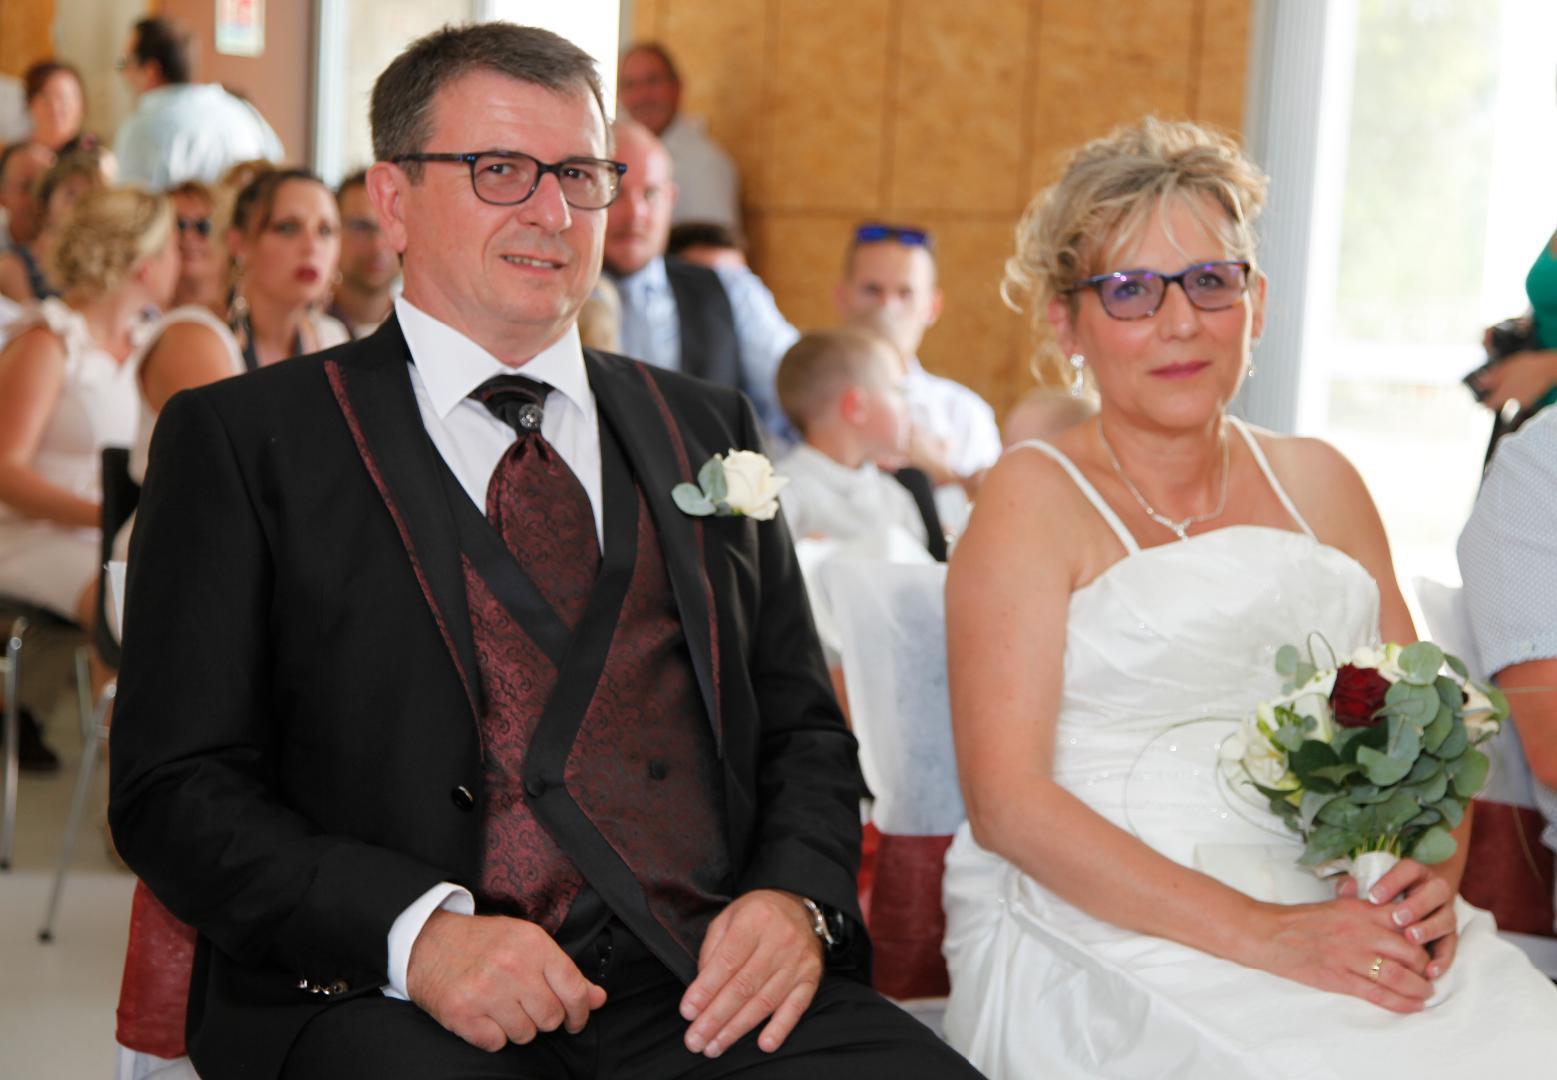 MARIAGE de Daniel CHAIRY (P81) avec Marie-Christine SCHULZ 1